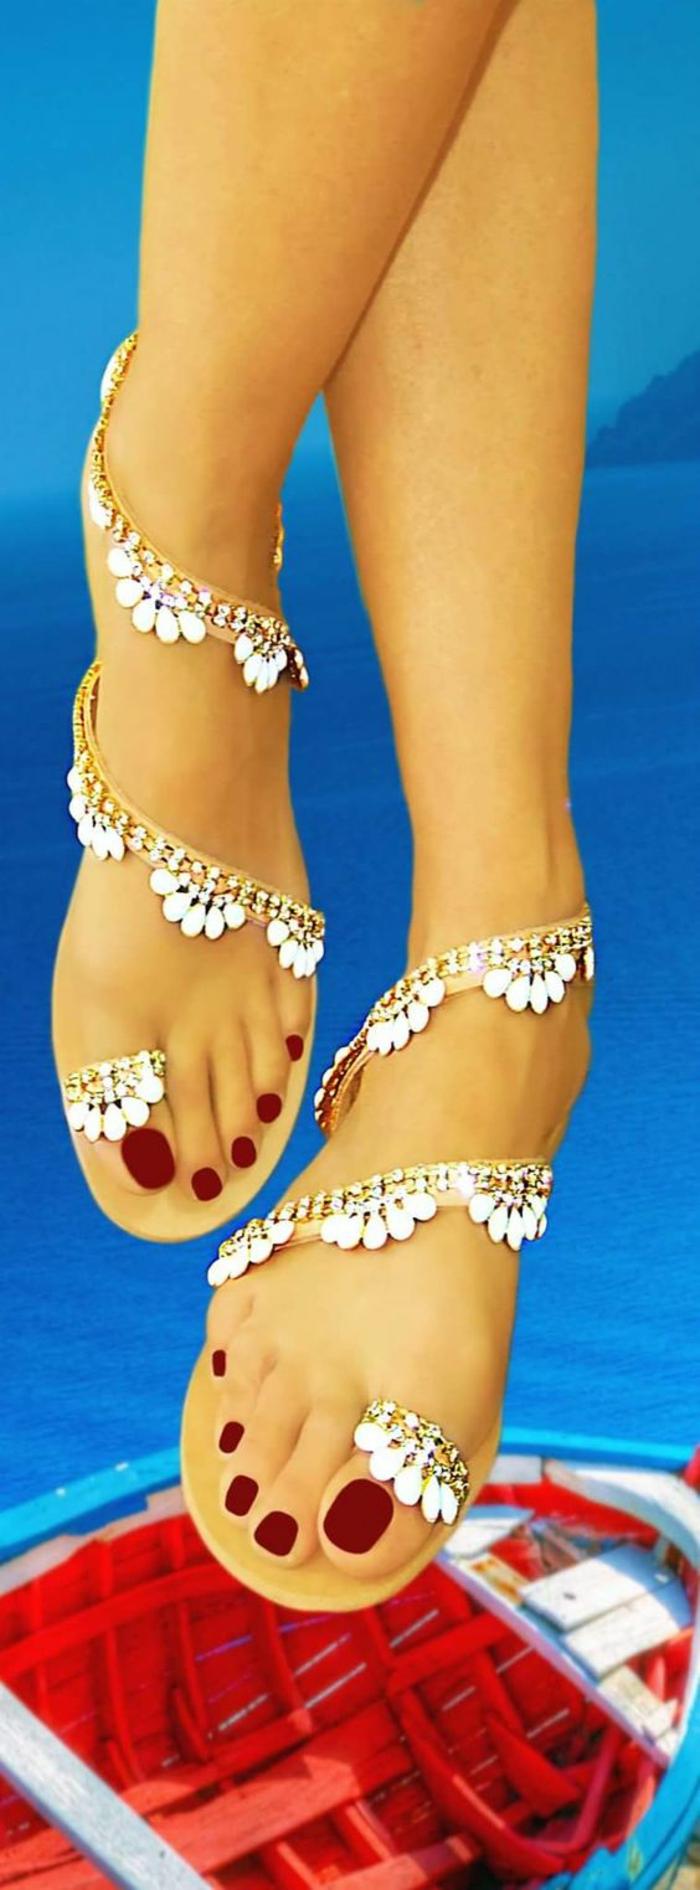 sandale femme effet pied nu orné de chaine dorée aux éléments blanc qui font l'effet de dentelle